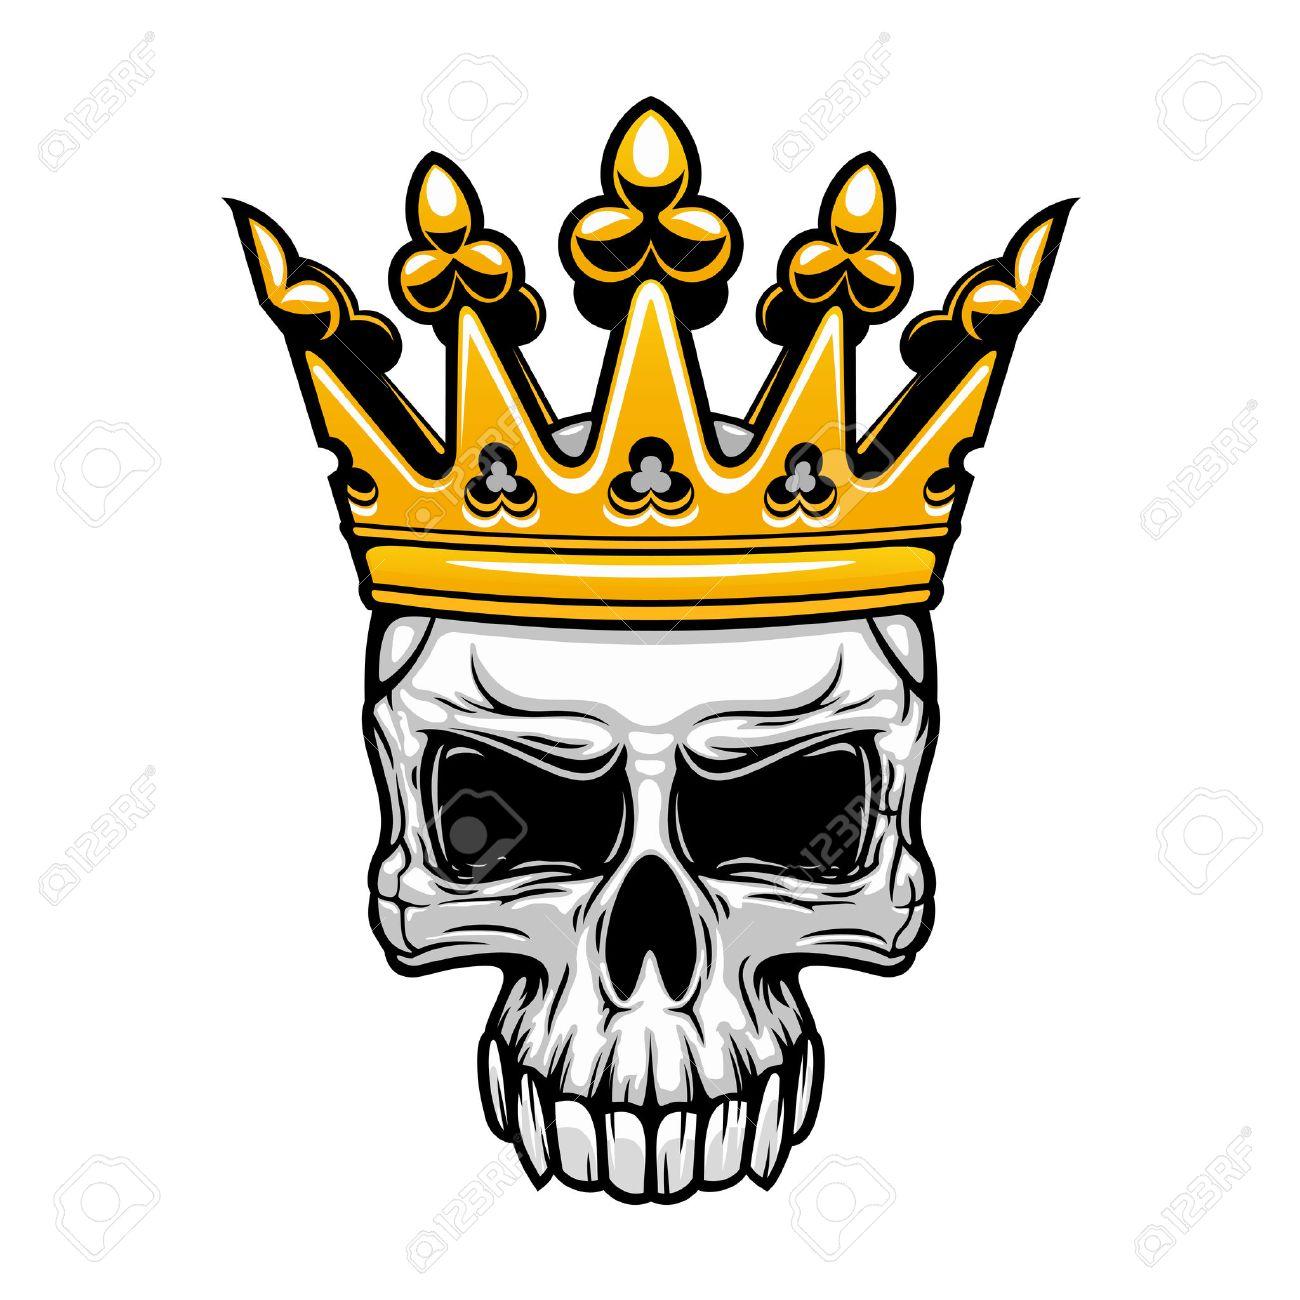 Couronne Roi Symbole De Crane De Crane Humain Fantasmagorique Avec